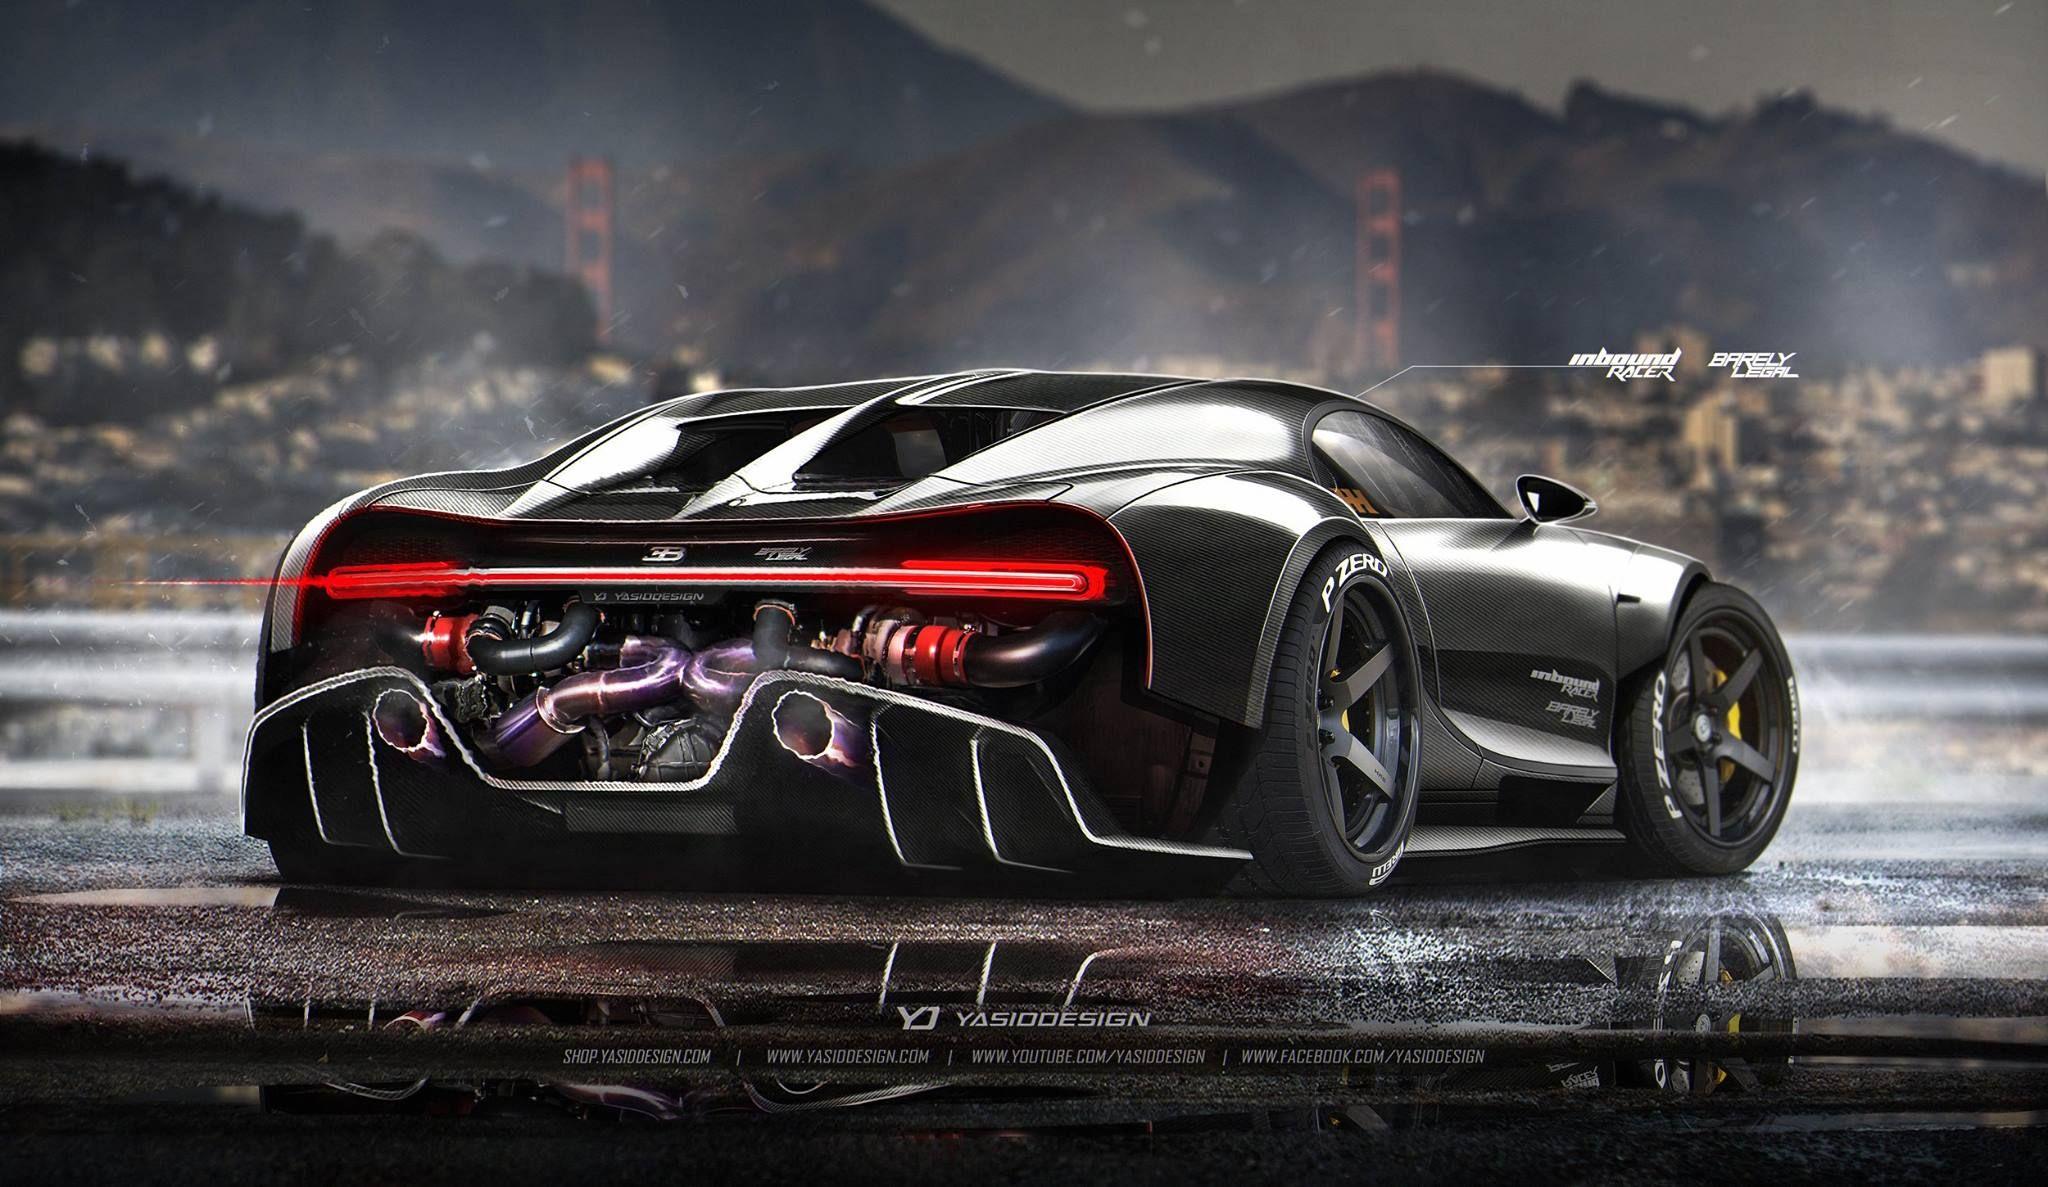 ee74fd14e9bd0dfc3cef9cba8ed8ca09 Fascinating Gran Turismo Psp Bugatti Veyron Price Cars Trend